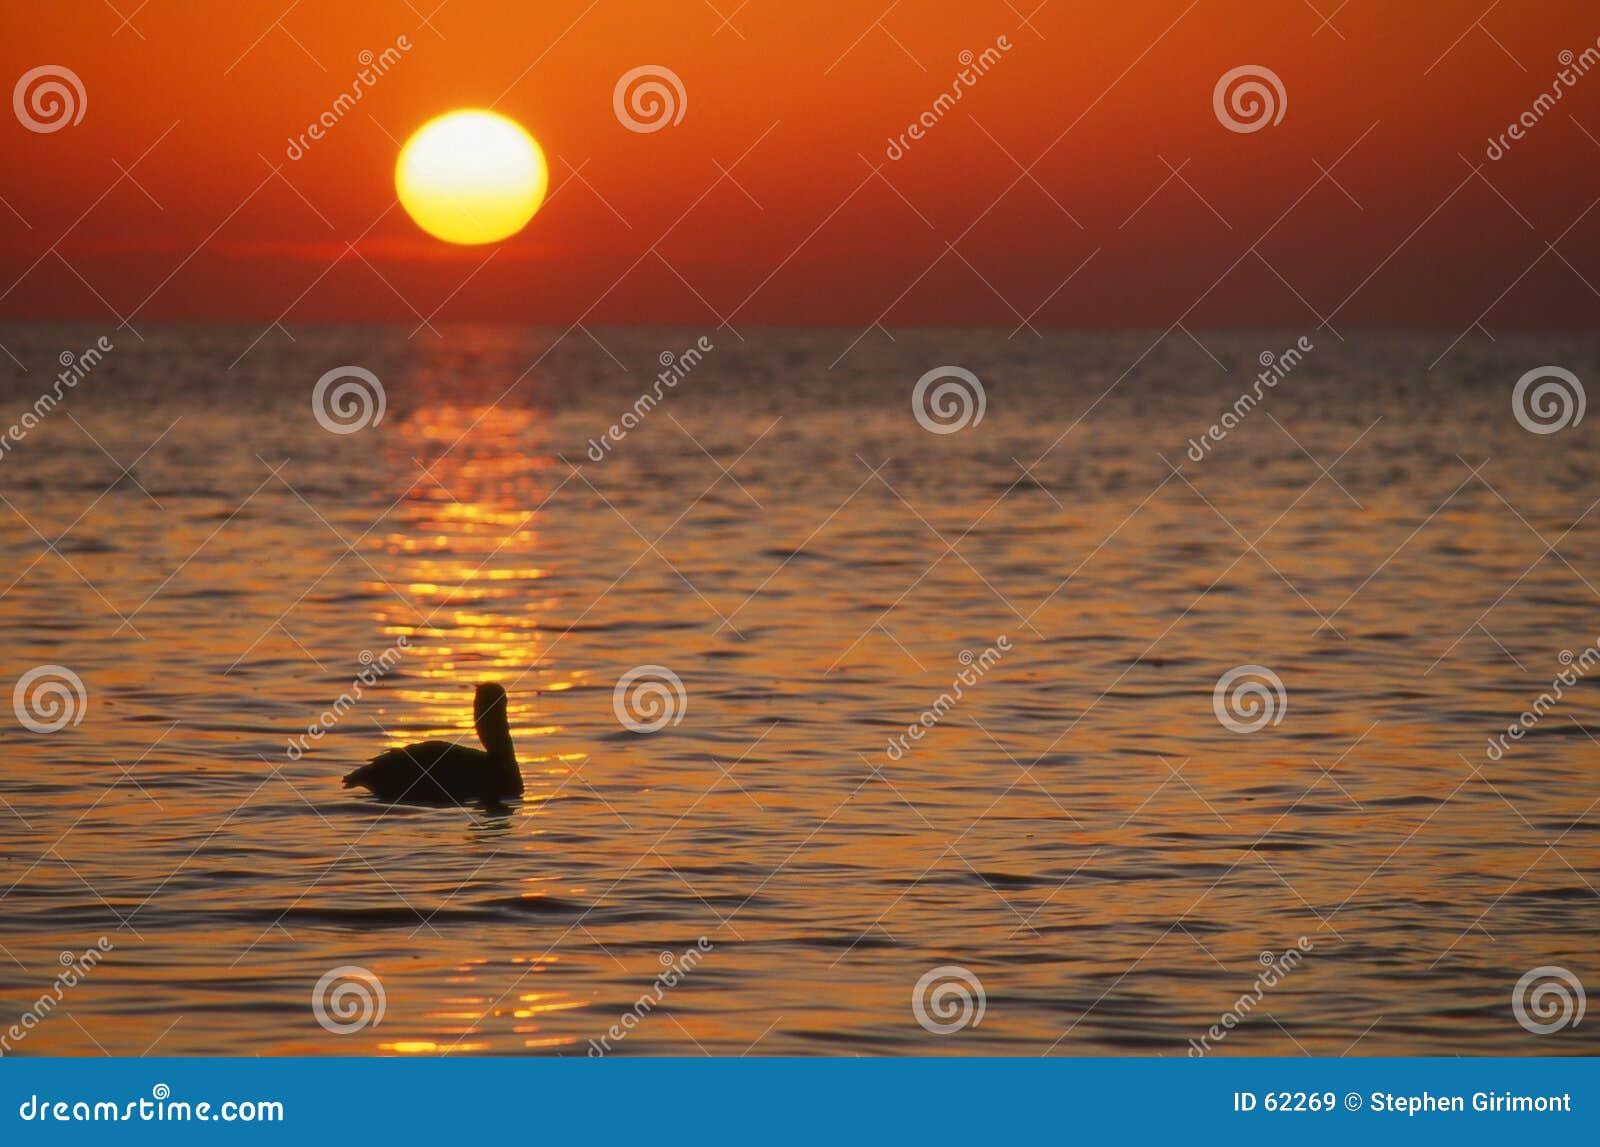 佛罗里达水平的关键字鹈鹕日出